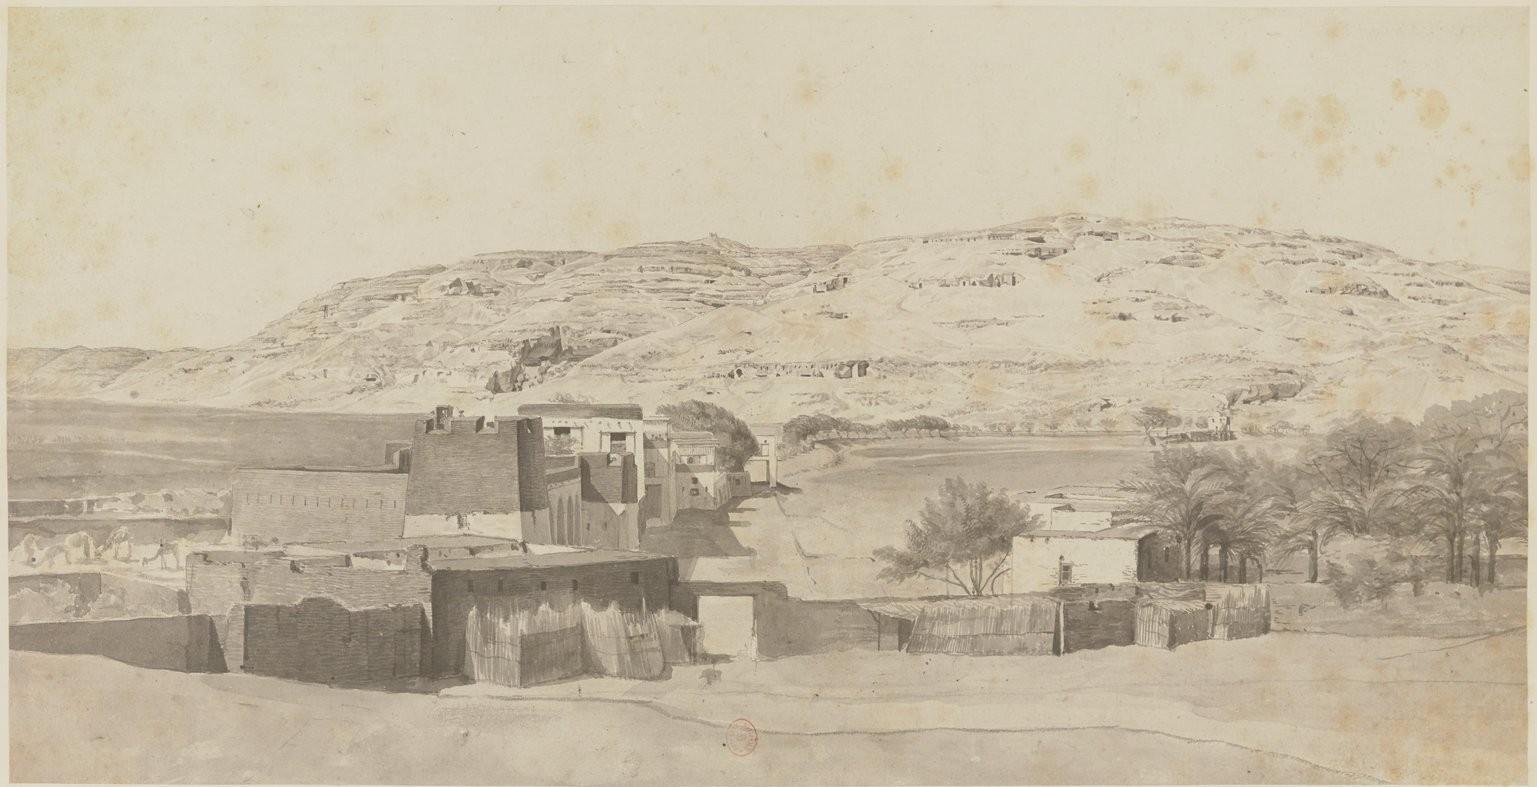 Асьют. Гробницы местных правителей I переходного периода